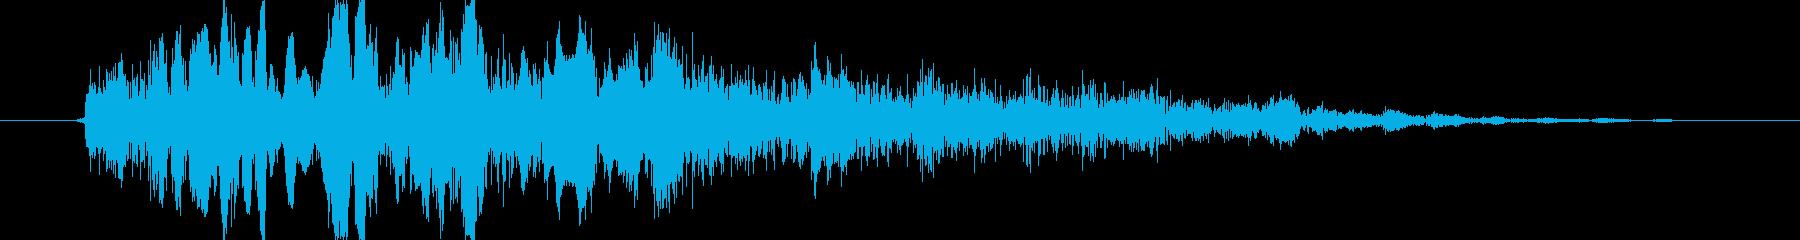 中キック(ミドルキック_ドキャッ)の再生済みの波形